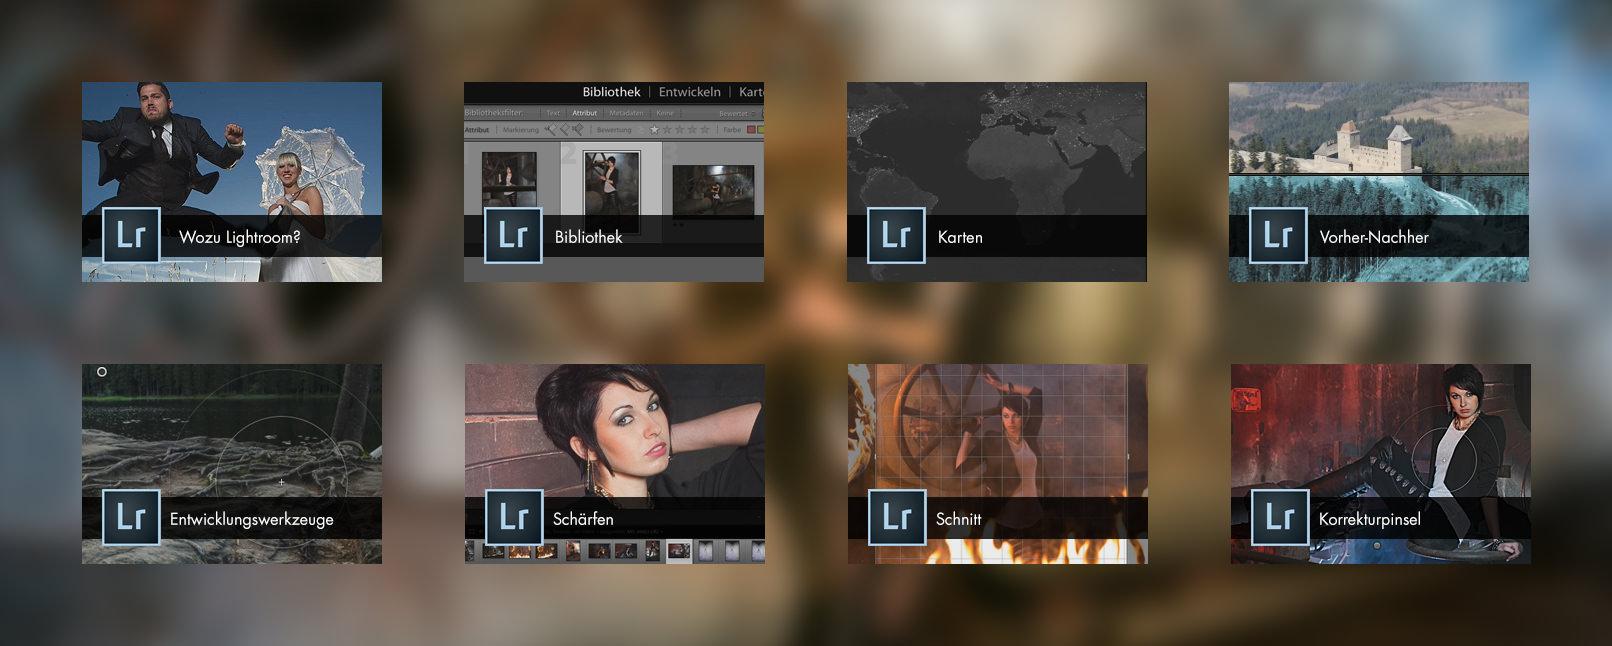 Lightroom-Kurs mit Tipps zum effizienten Foto-Workflow